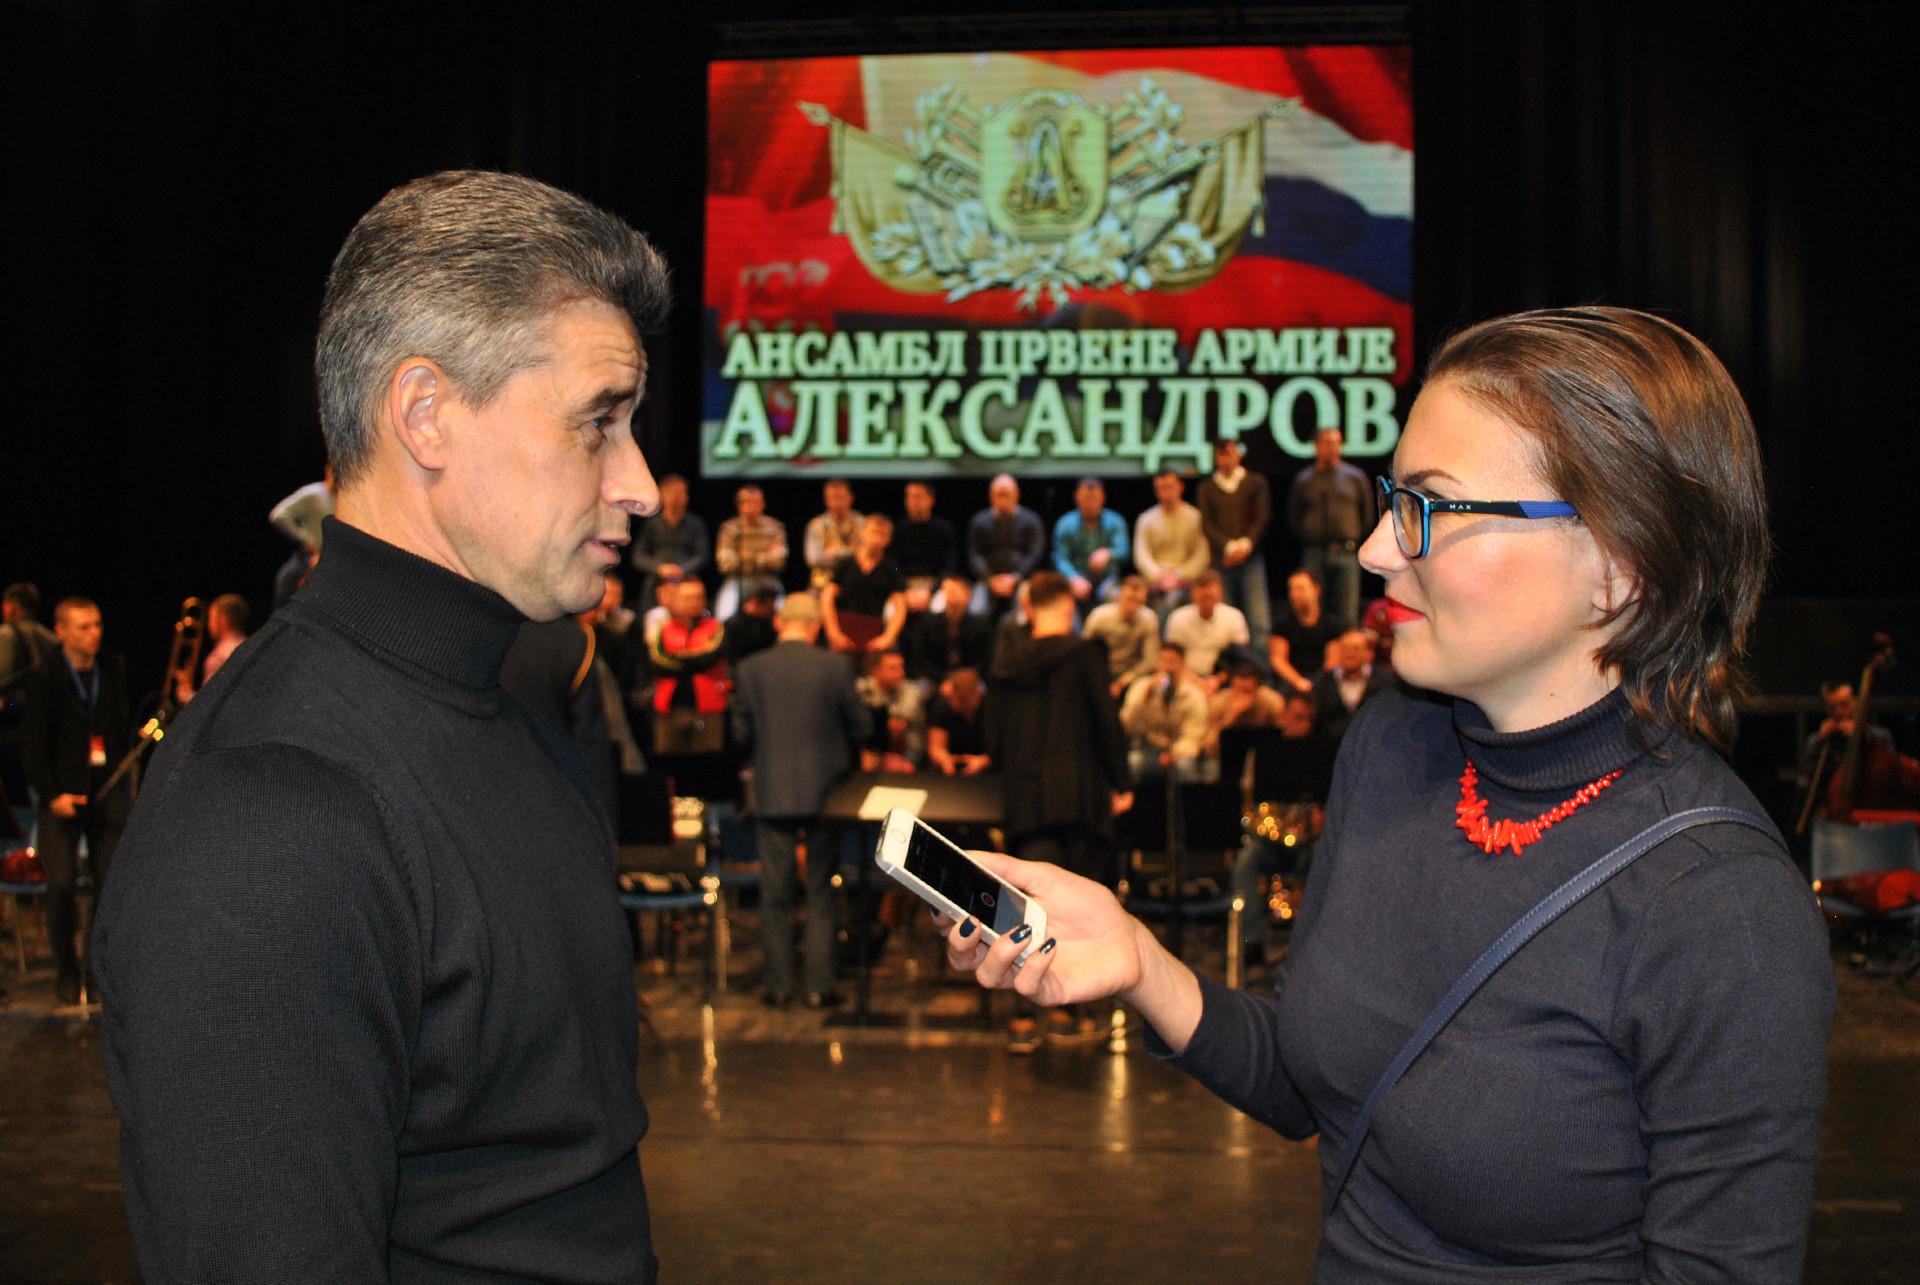 Генадиј Сачењук и Катарина Лане